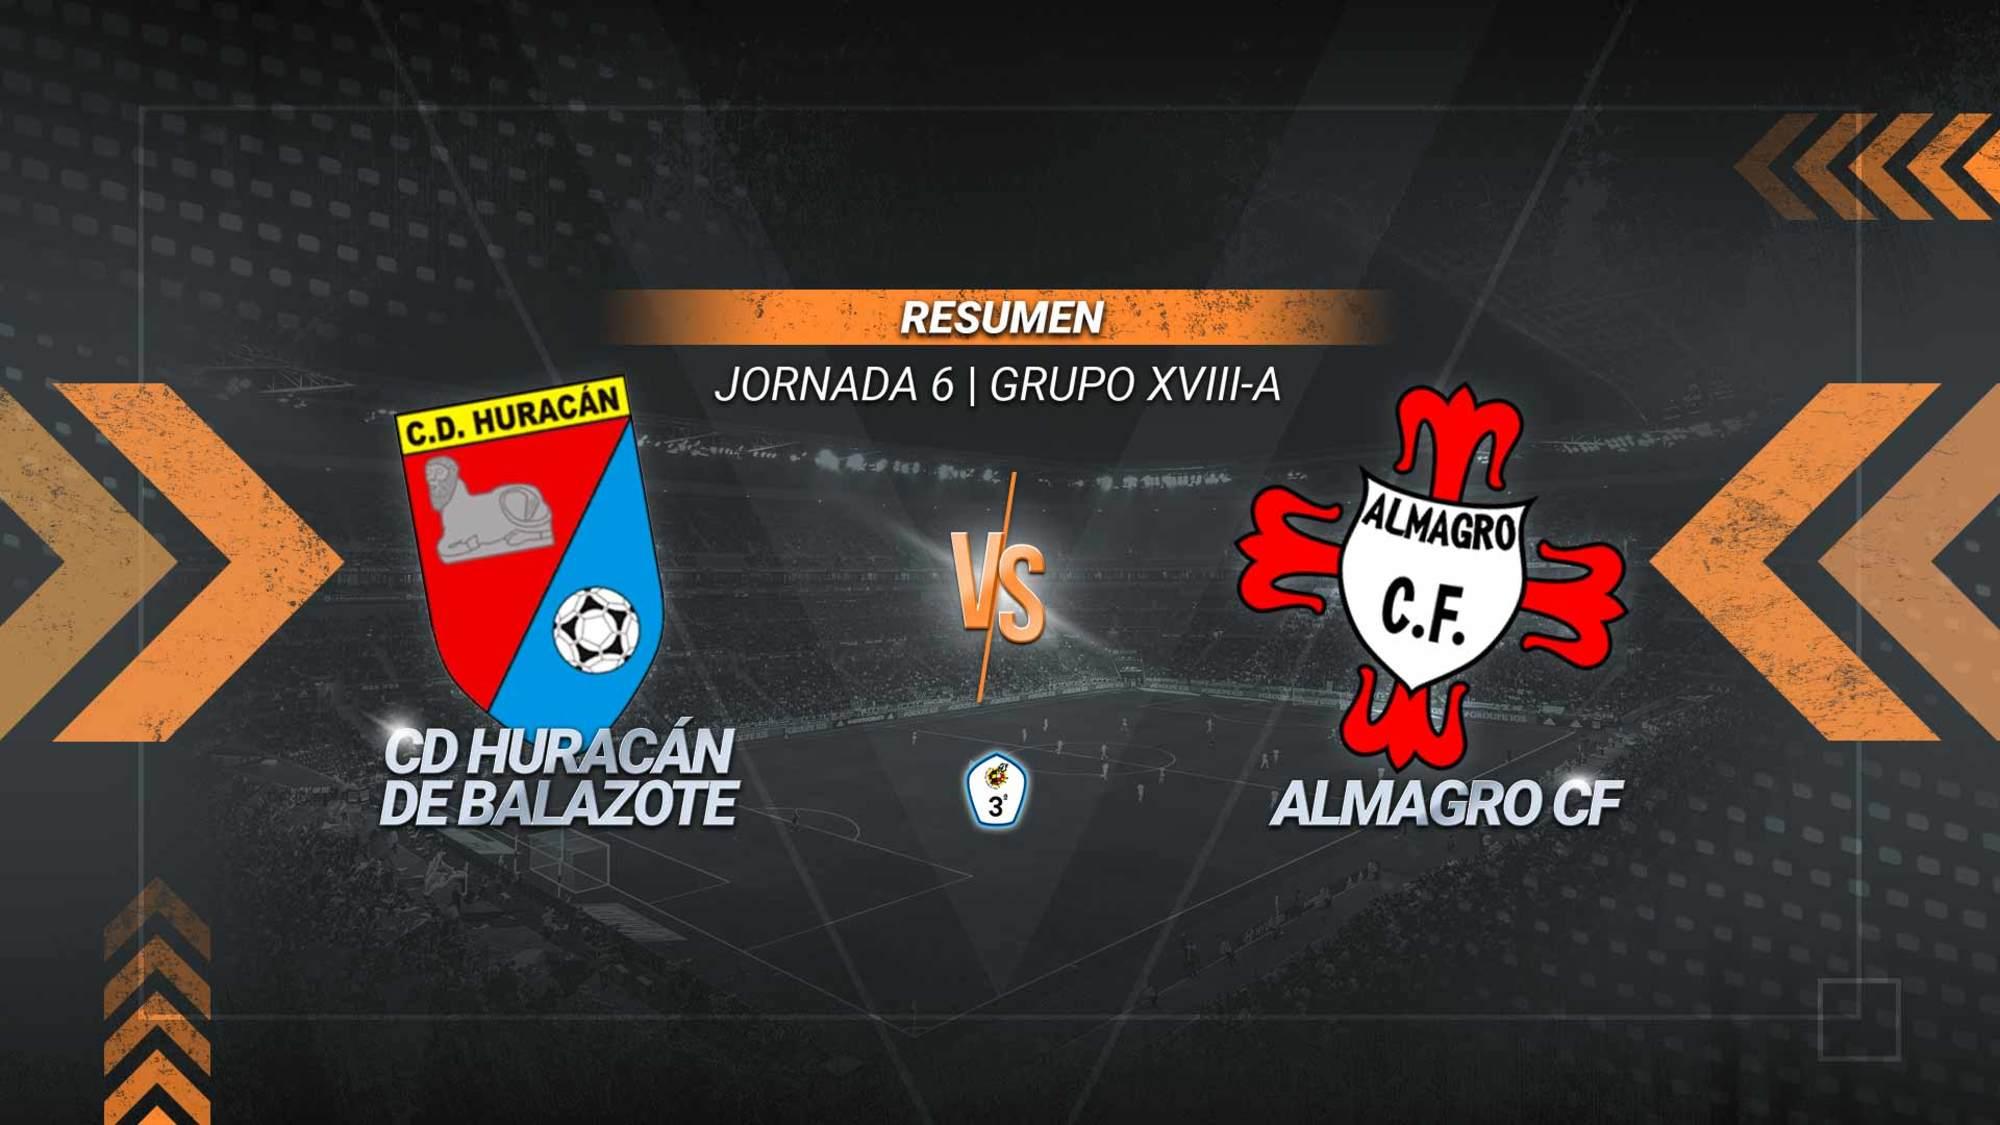 Javi Valcarce y Josemi ponen al Huracán líder del subgrupo A. El conjunto de Balazote suma el tercer triunfo de la temporada y se mantiene invicto. El Almagro continúa en la zona media con siete.